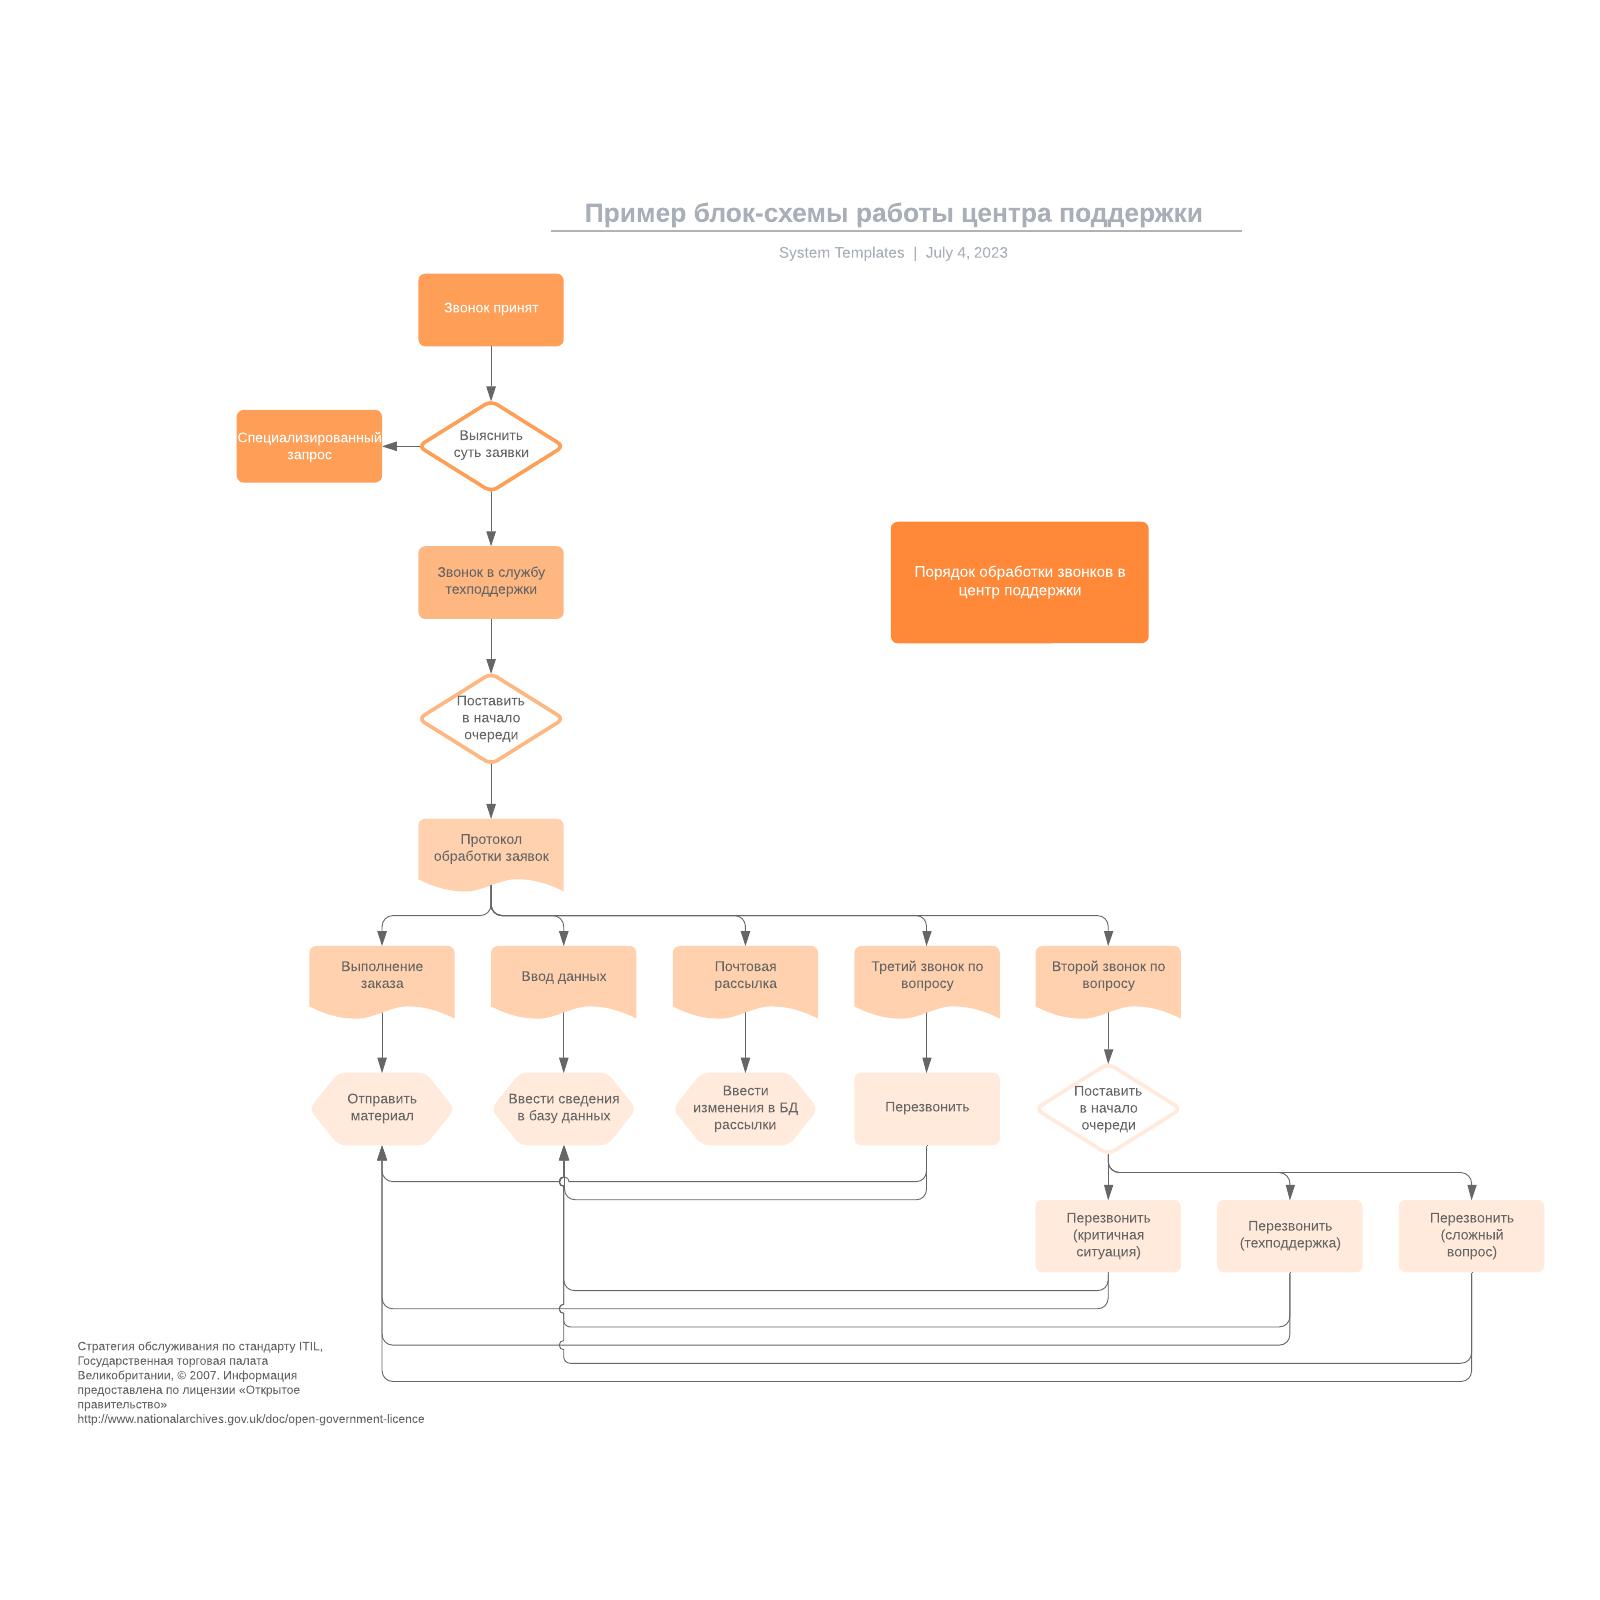 Пример блок-схемы работы центра поддержки